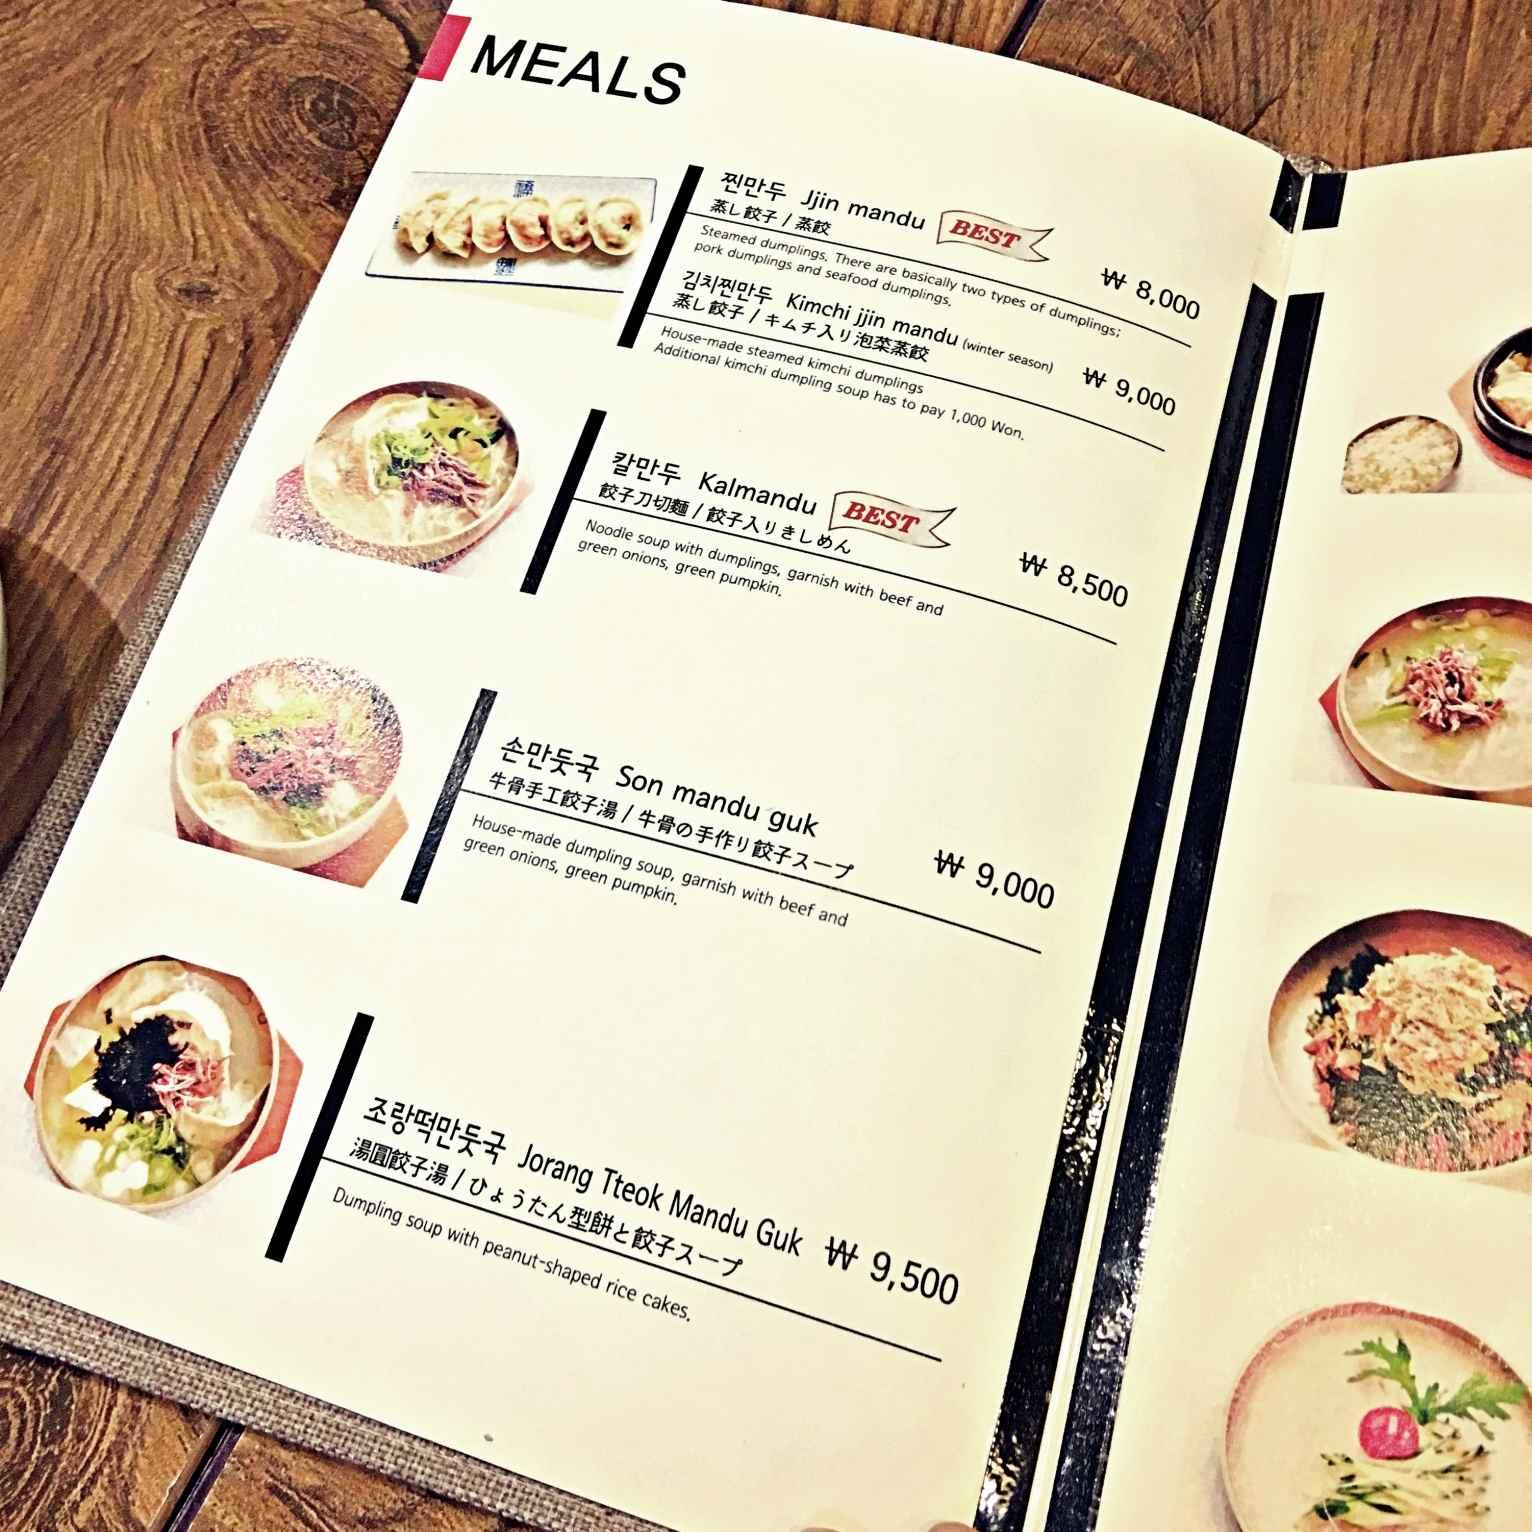 看不懂韓文也不用緊張,有中英日菜單,點餐很輕鬆。